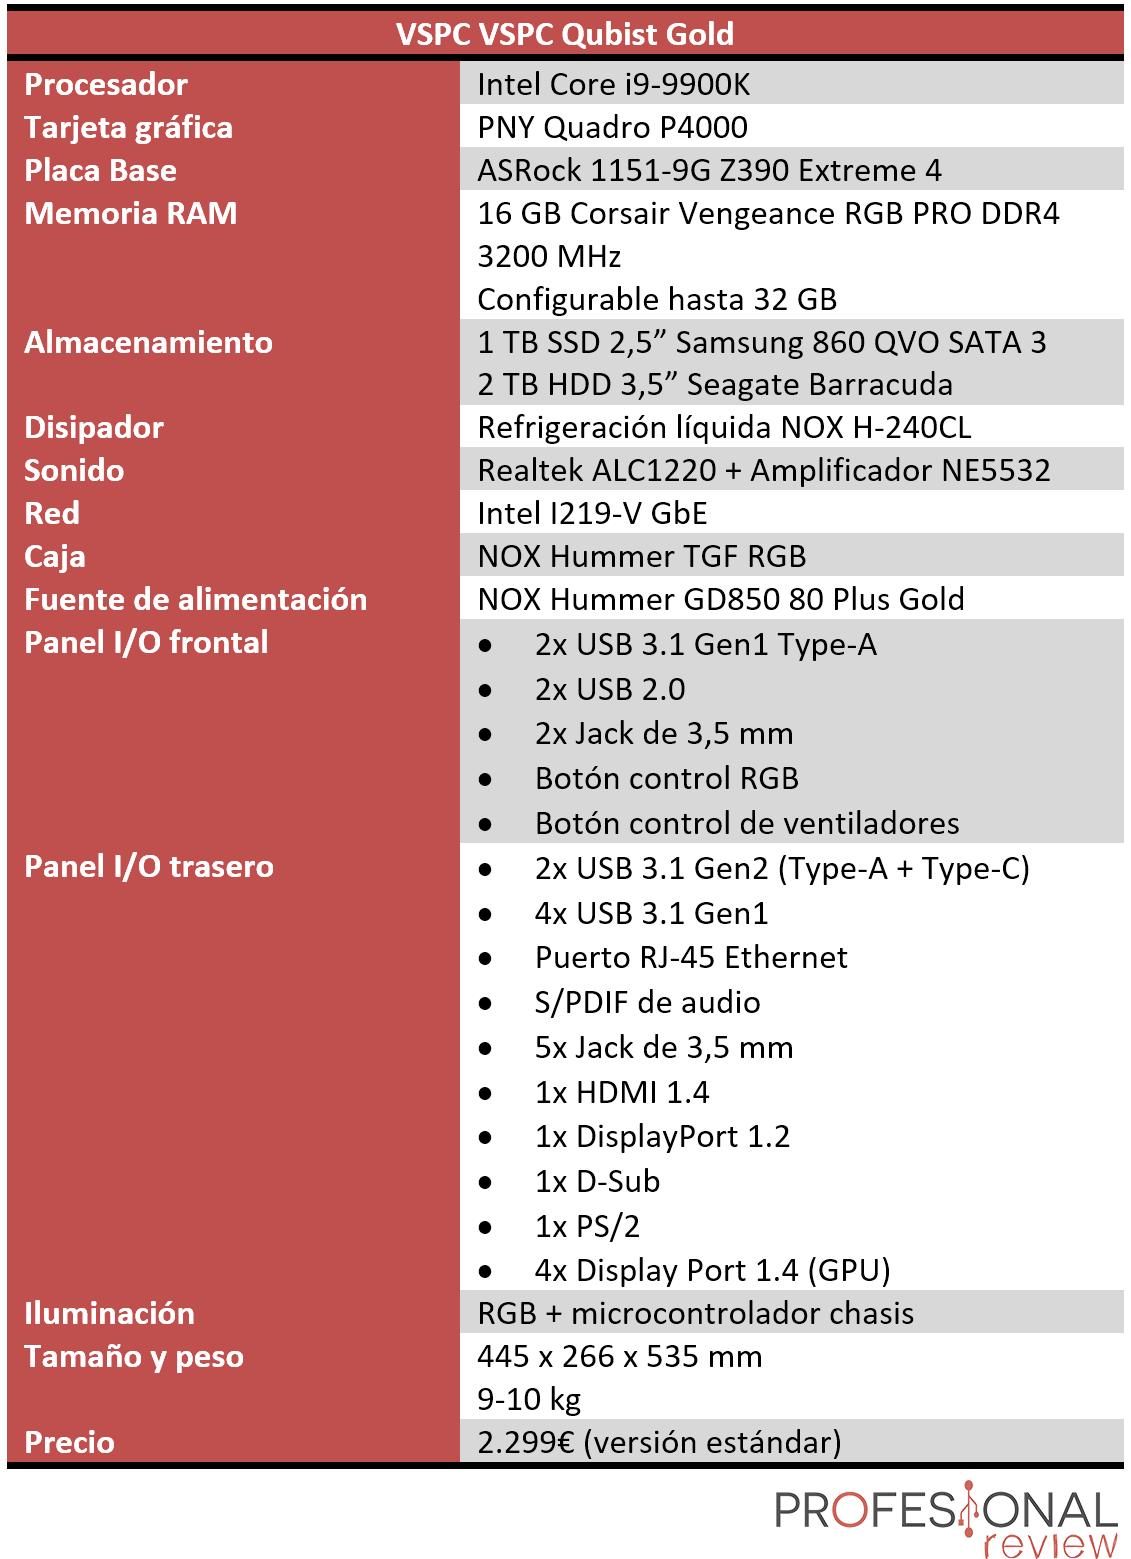 VSPC Qubist Gold Característica